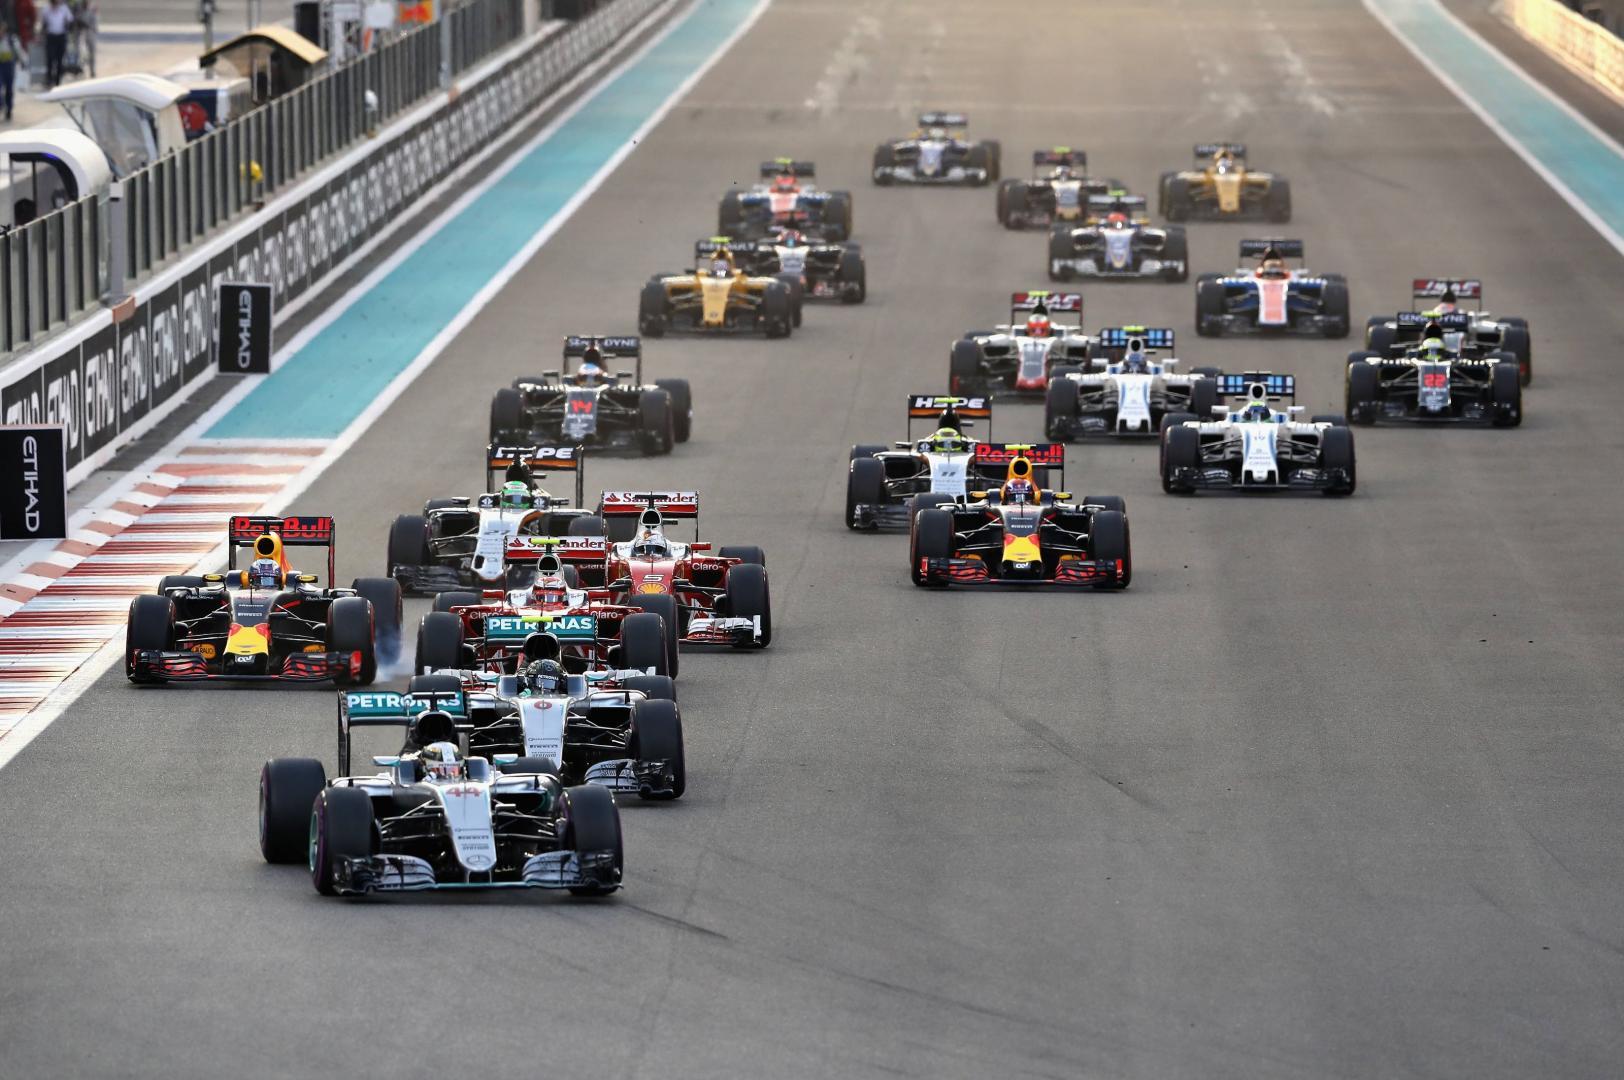 Formule 1 Kalender 2017